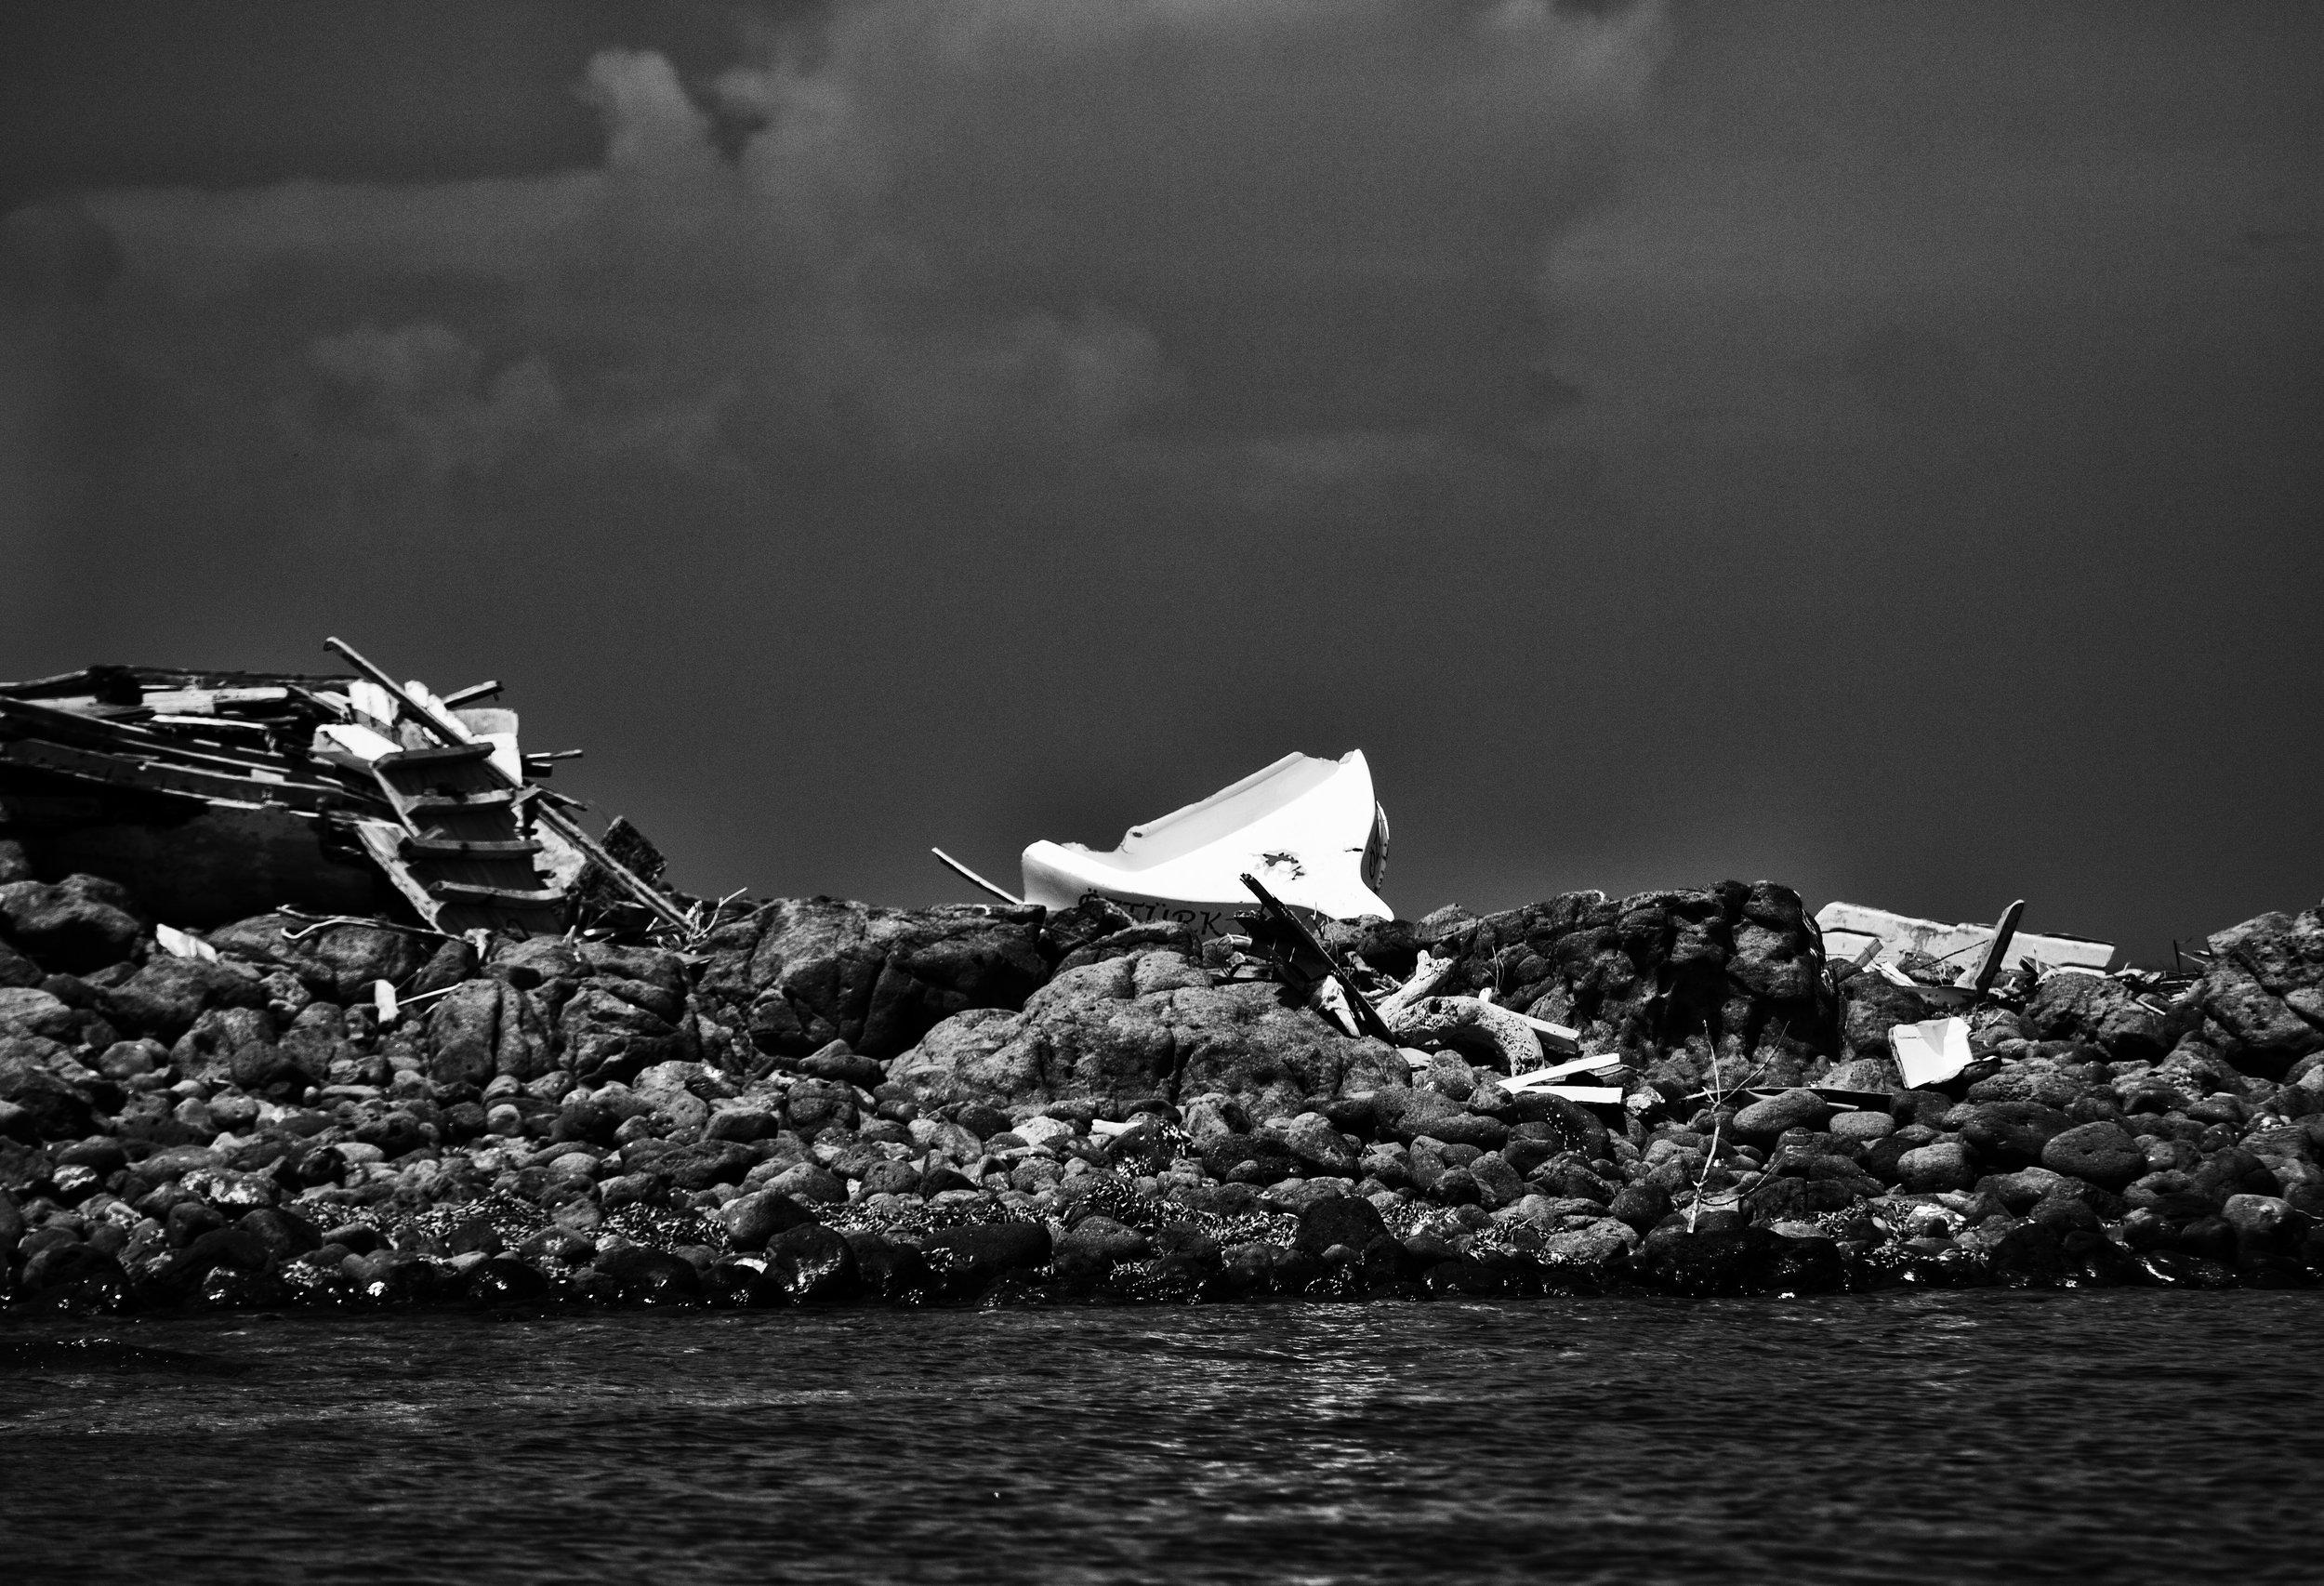 Berg-26-Jul-2018-01-08-16-1X7A7522-Karakos, Greece, Refugee, Boats, Wreck, Rocks, Danger, Migration.jpg